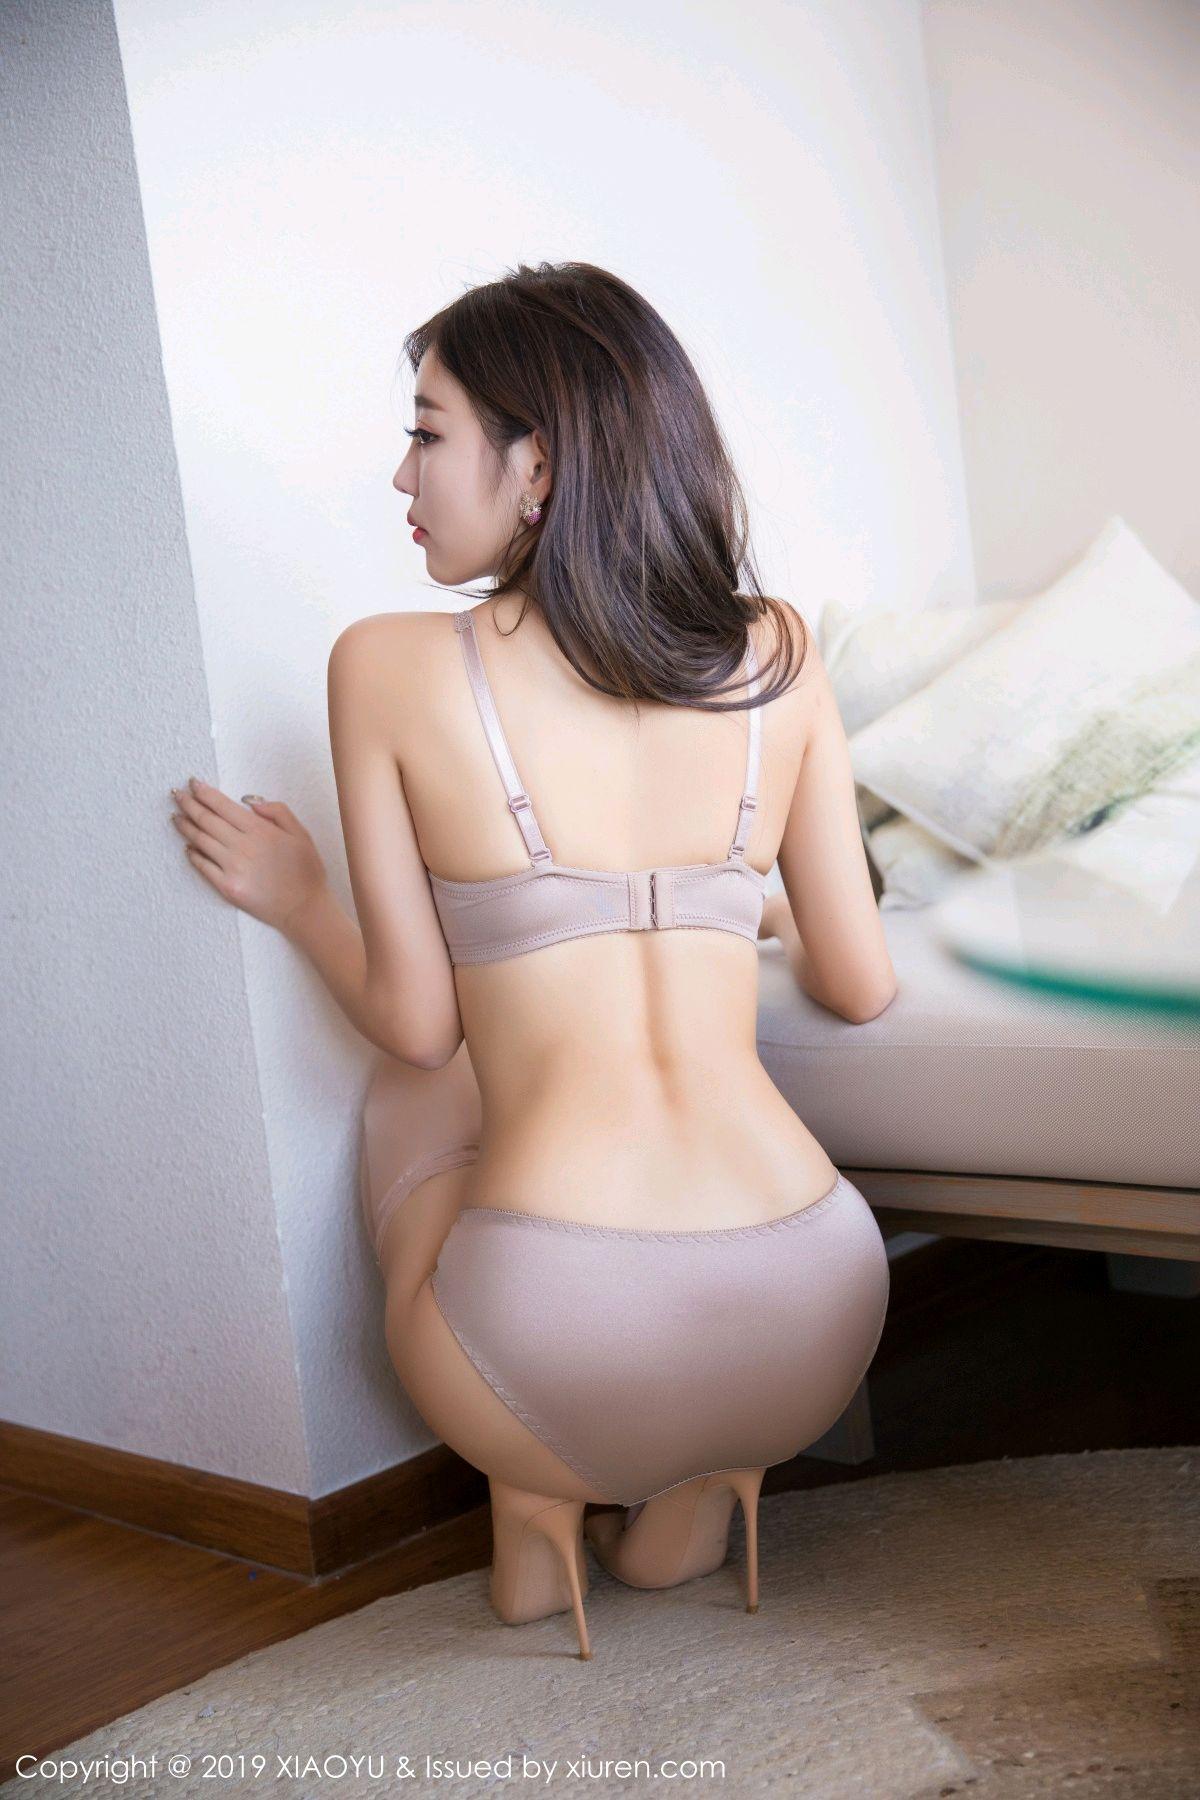 [XiaoYu] Vol.067 Yang Chen Chen 39P, Beach, Underwear, XiaoYu, Yang Chen Chen